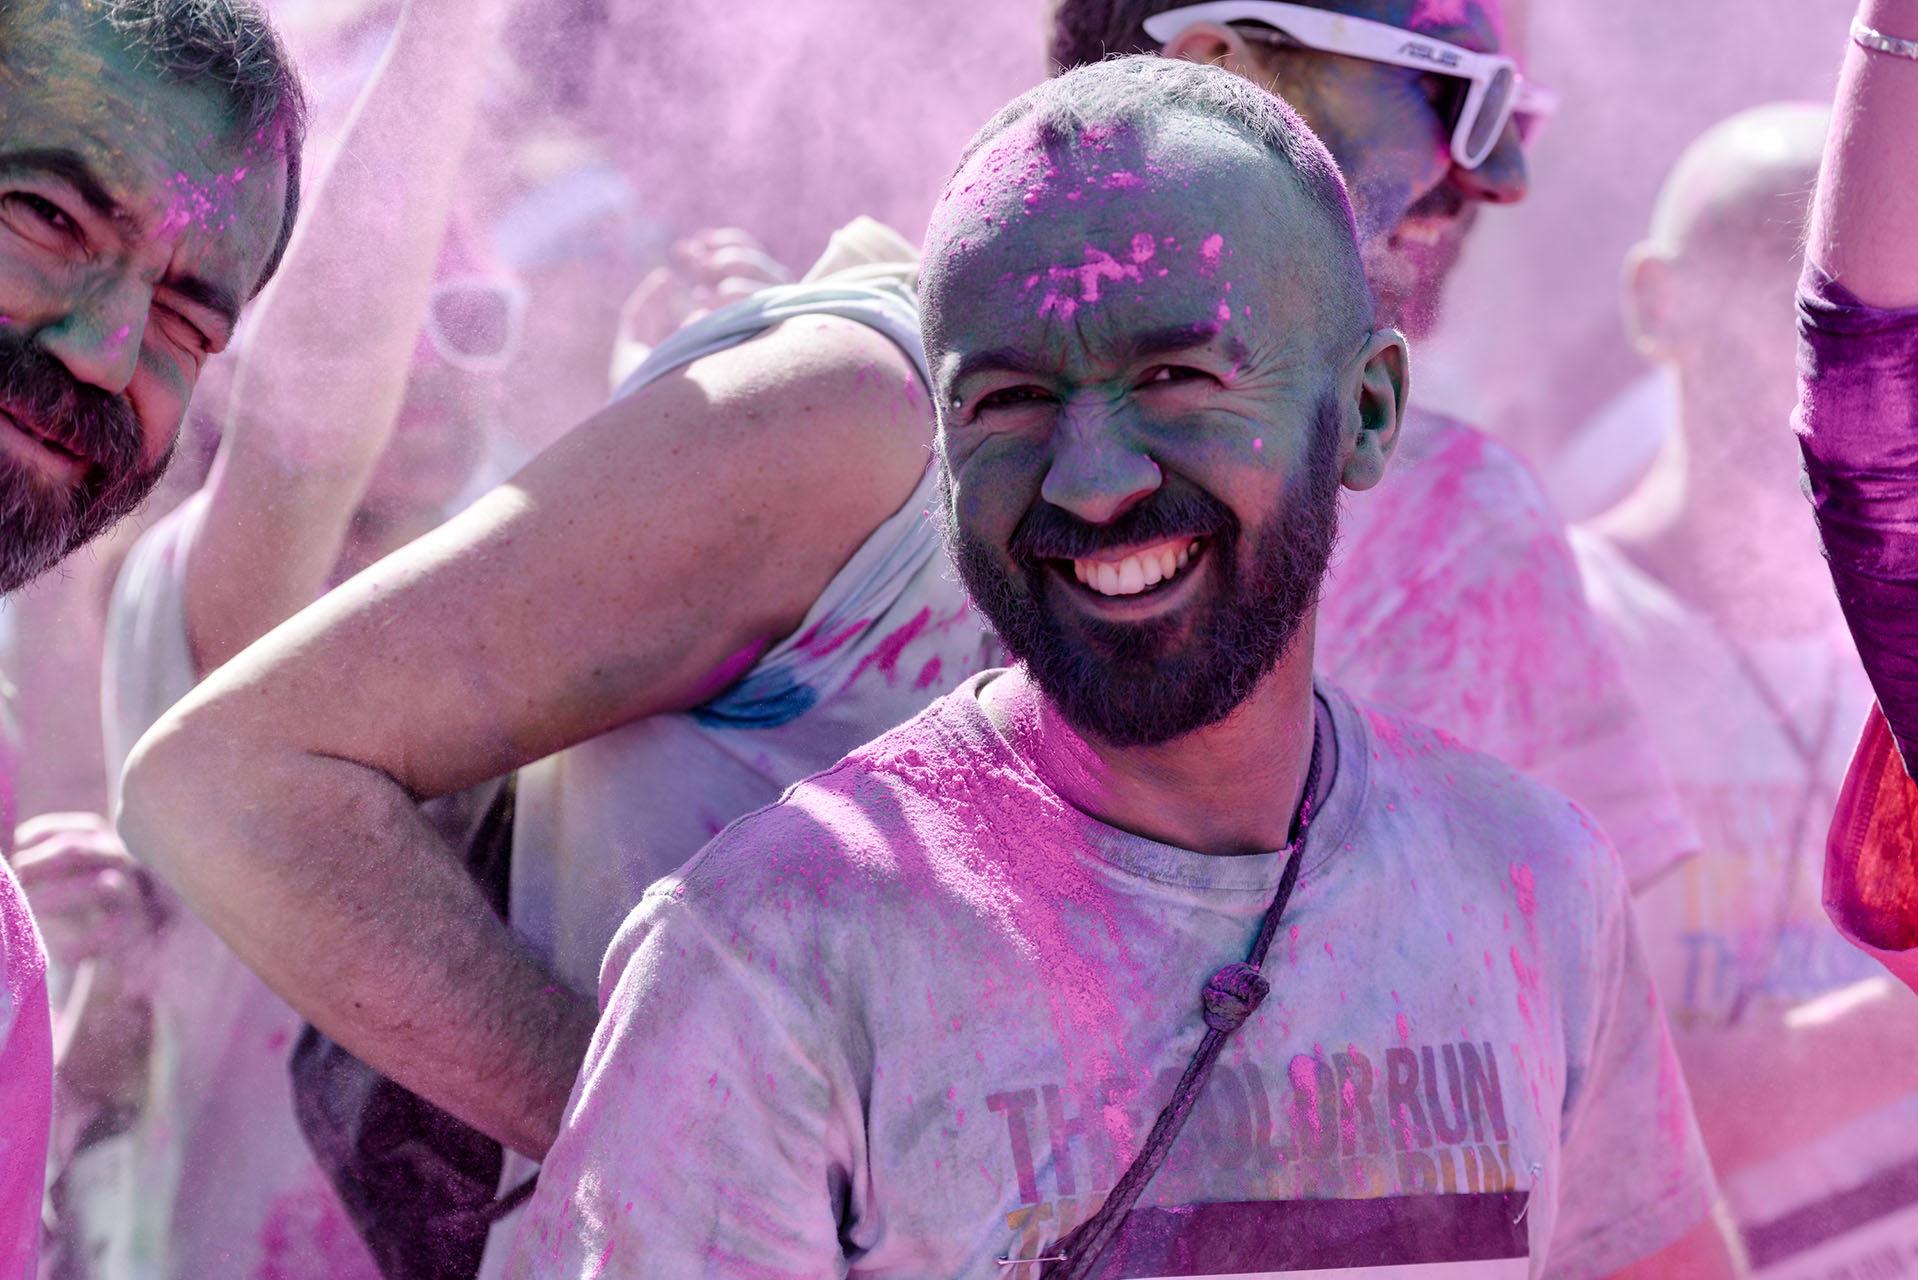 photographe-ile-de-france-evenementiel-paris-color-run-maya-angelsen